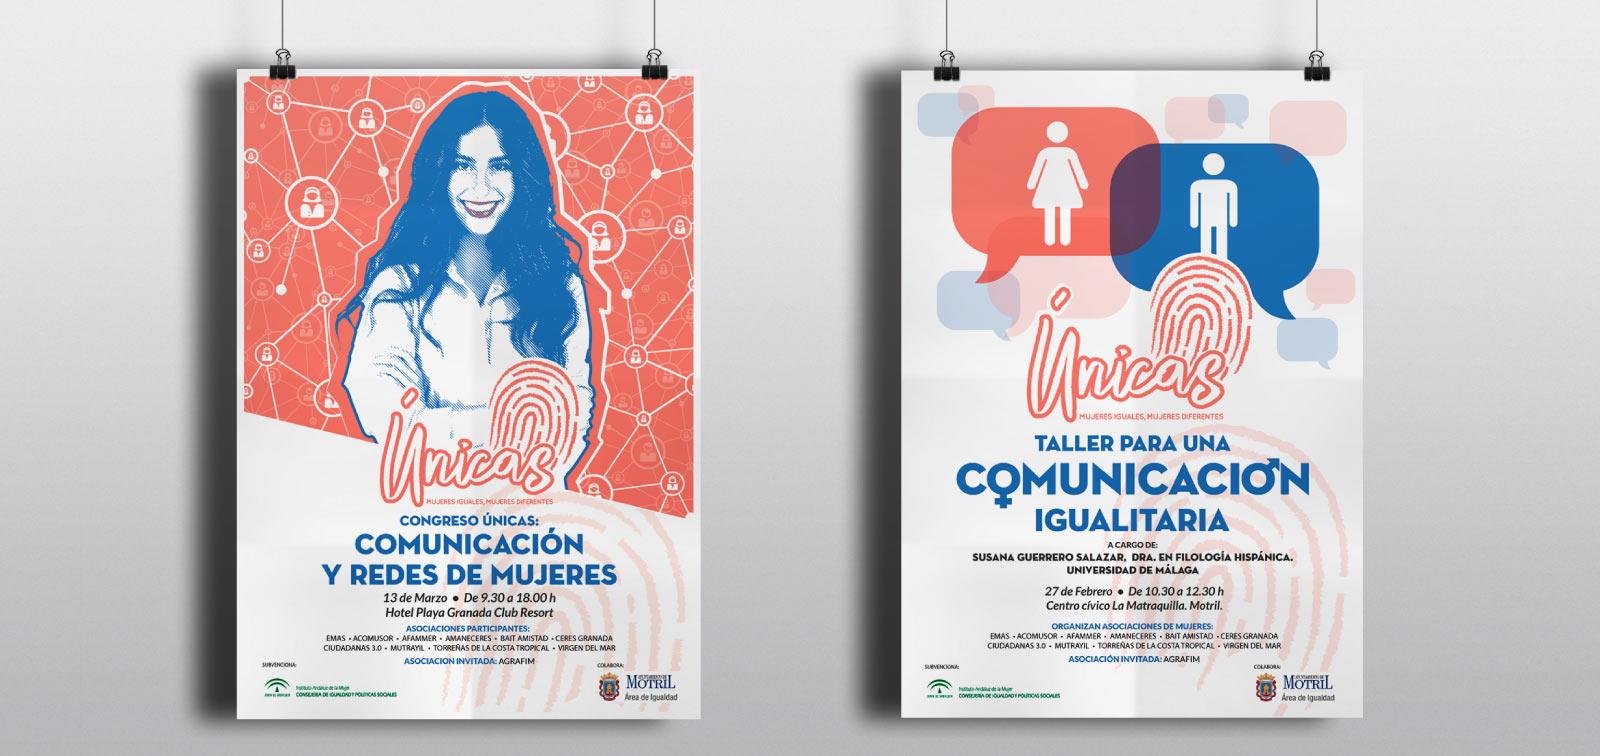 Diseño gráfico de cartelería para el Ayuntamiento de Motril